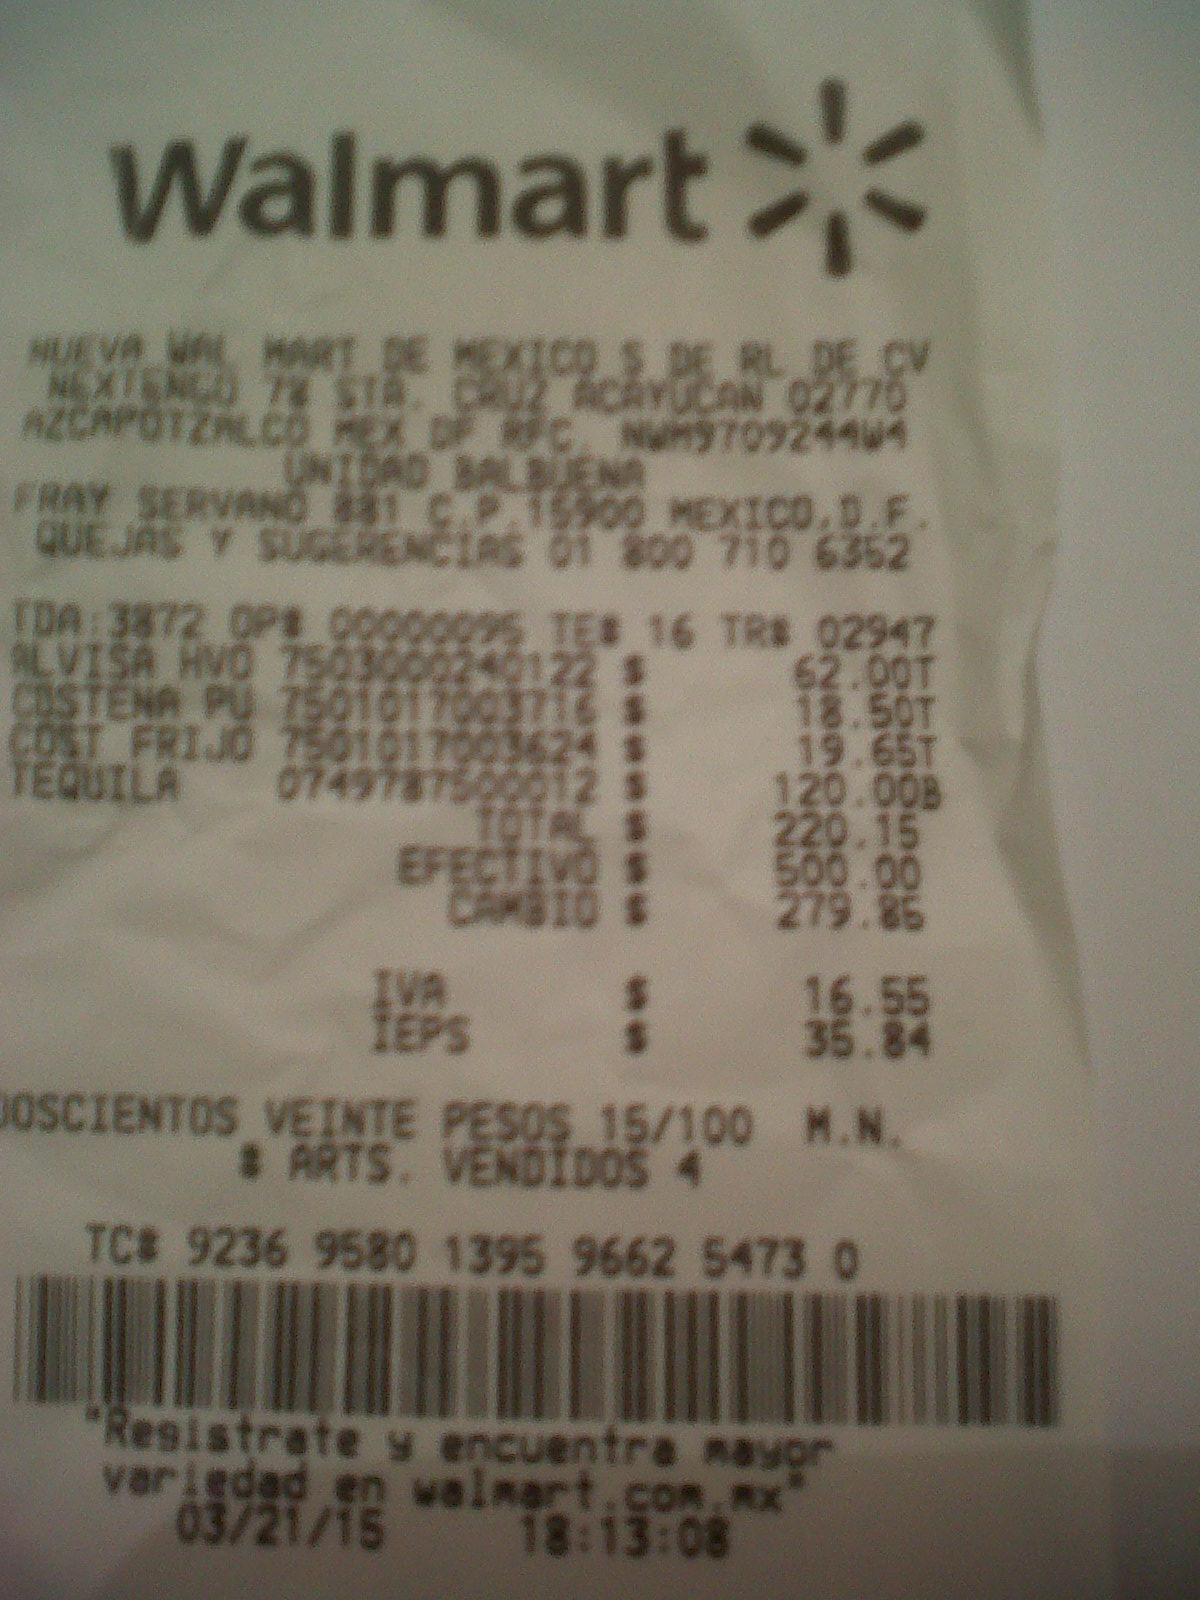 Walmart: ofertas en Huevo, Tequila Cabrito y lata frijoles La Costeña